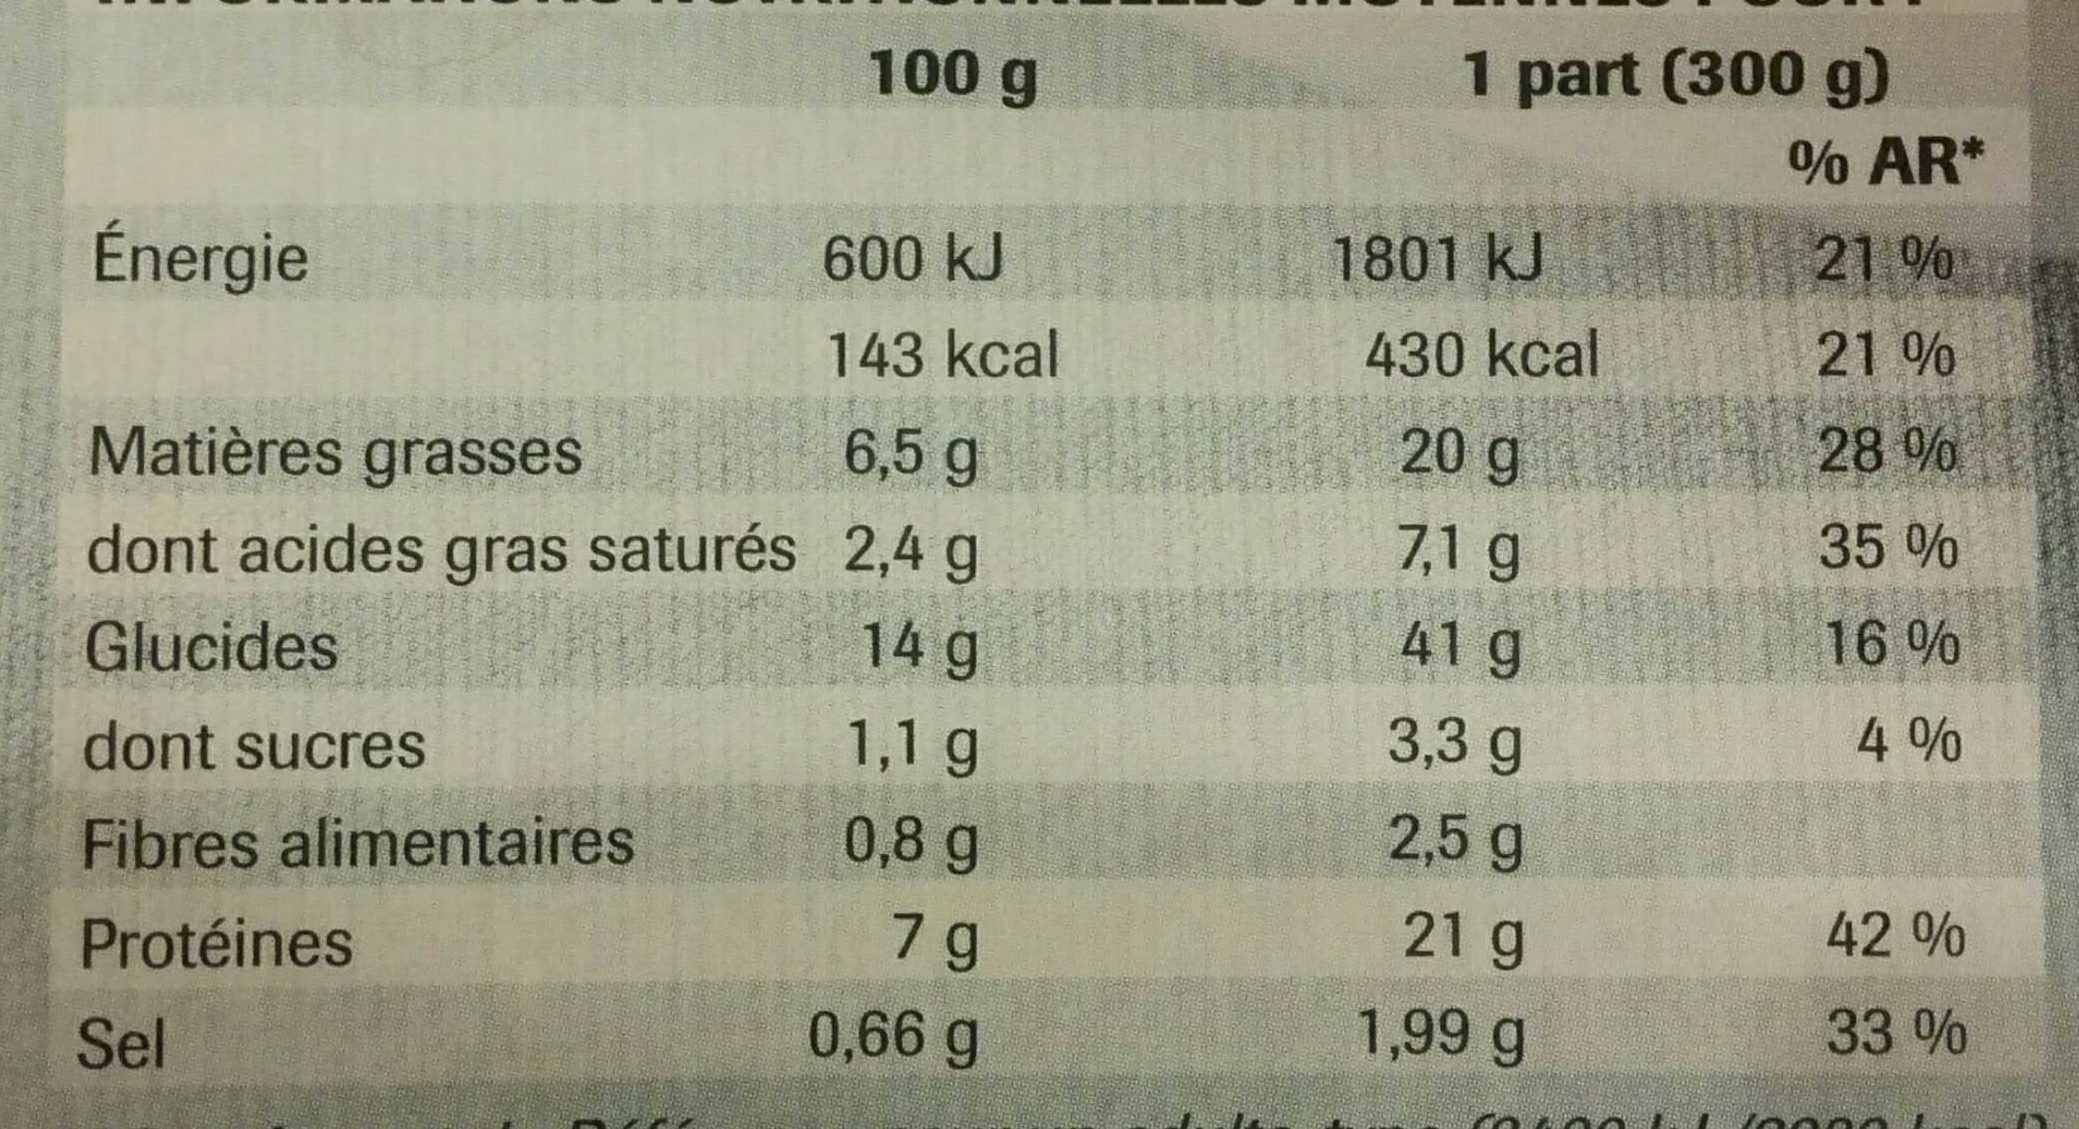 Poulet et Risotto, Sauce Pesto Rosso - Informations nutritionnelles